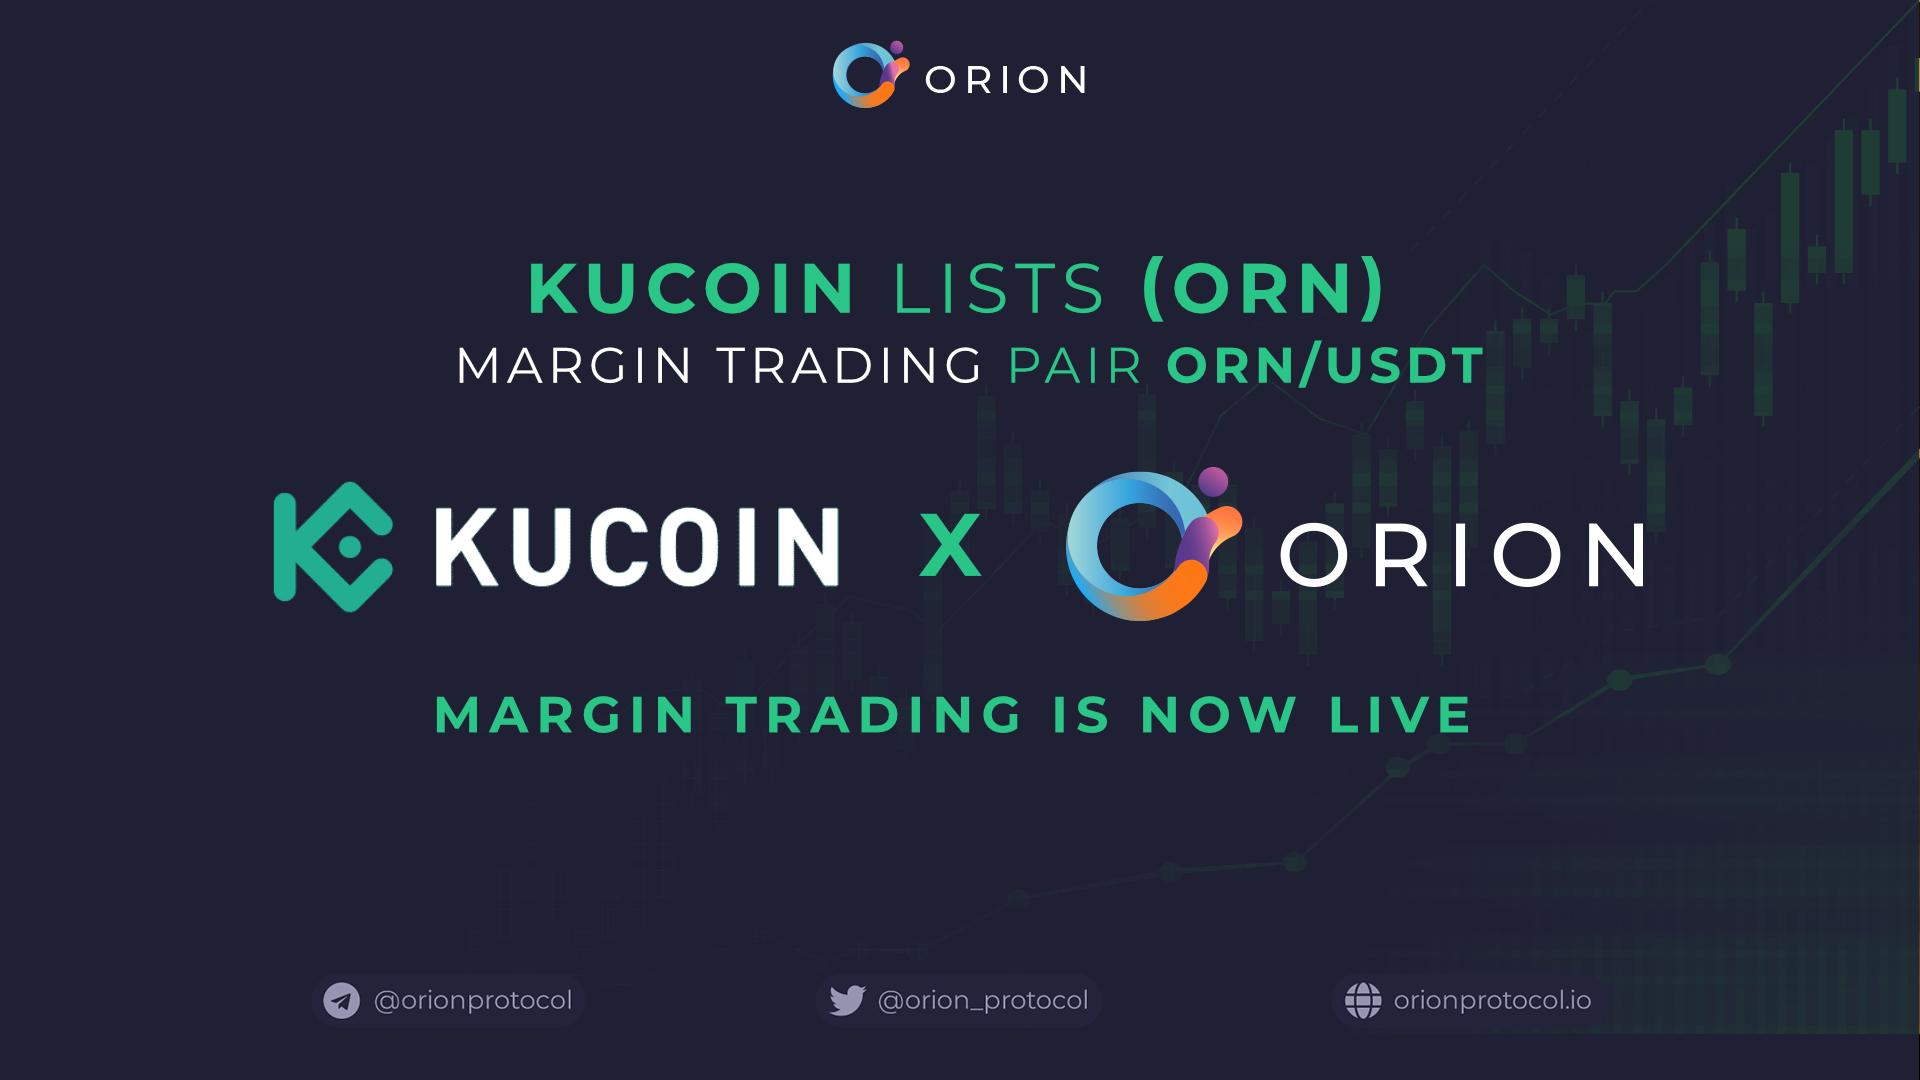 Margin Trading on KuCoin